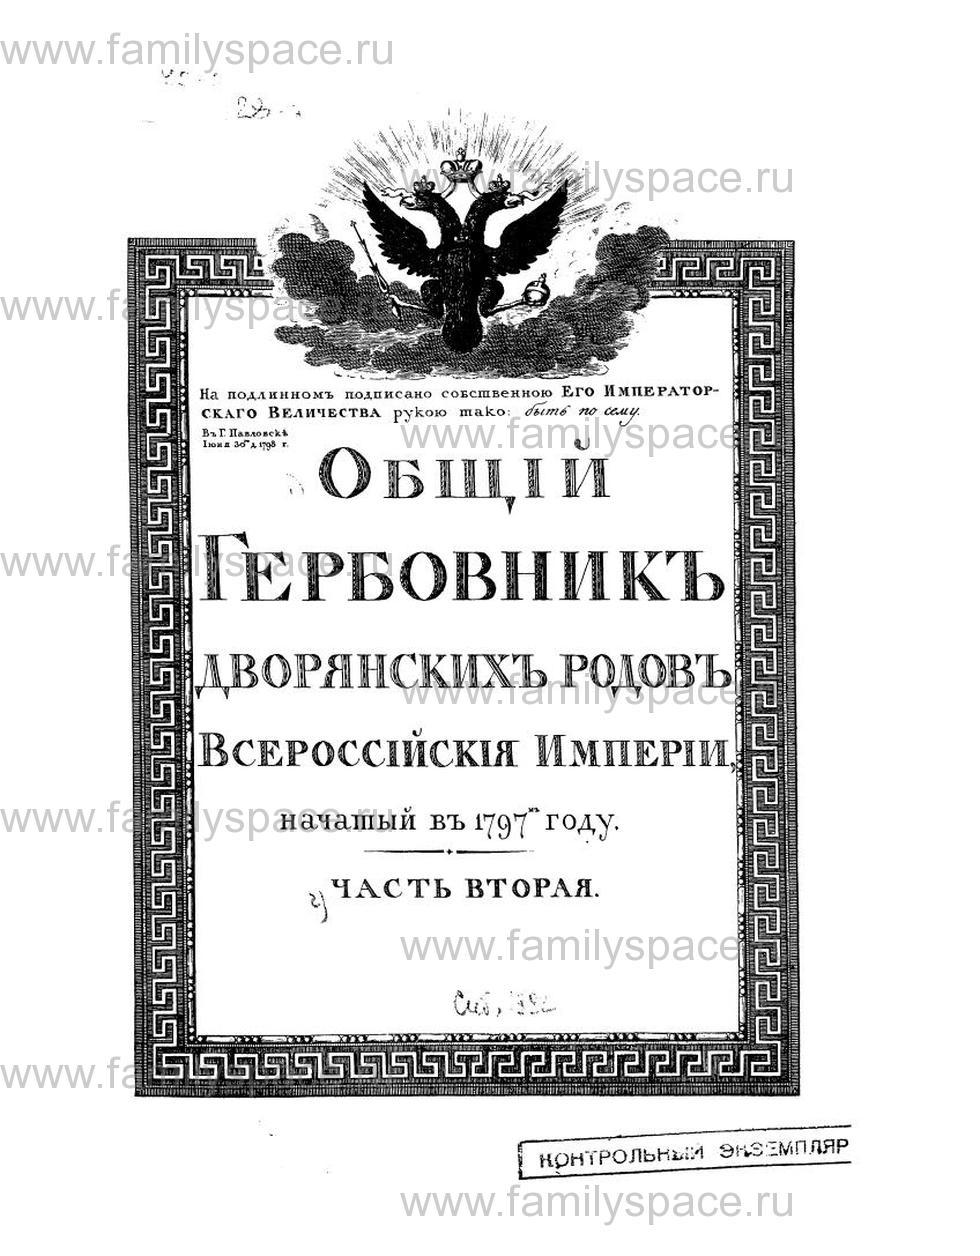 Поиск по фамилии - Общий гербовник дворянских родов Всероссийской империи 1797г., ч.2, страница 1